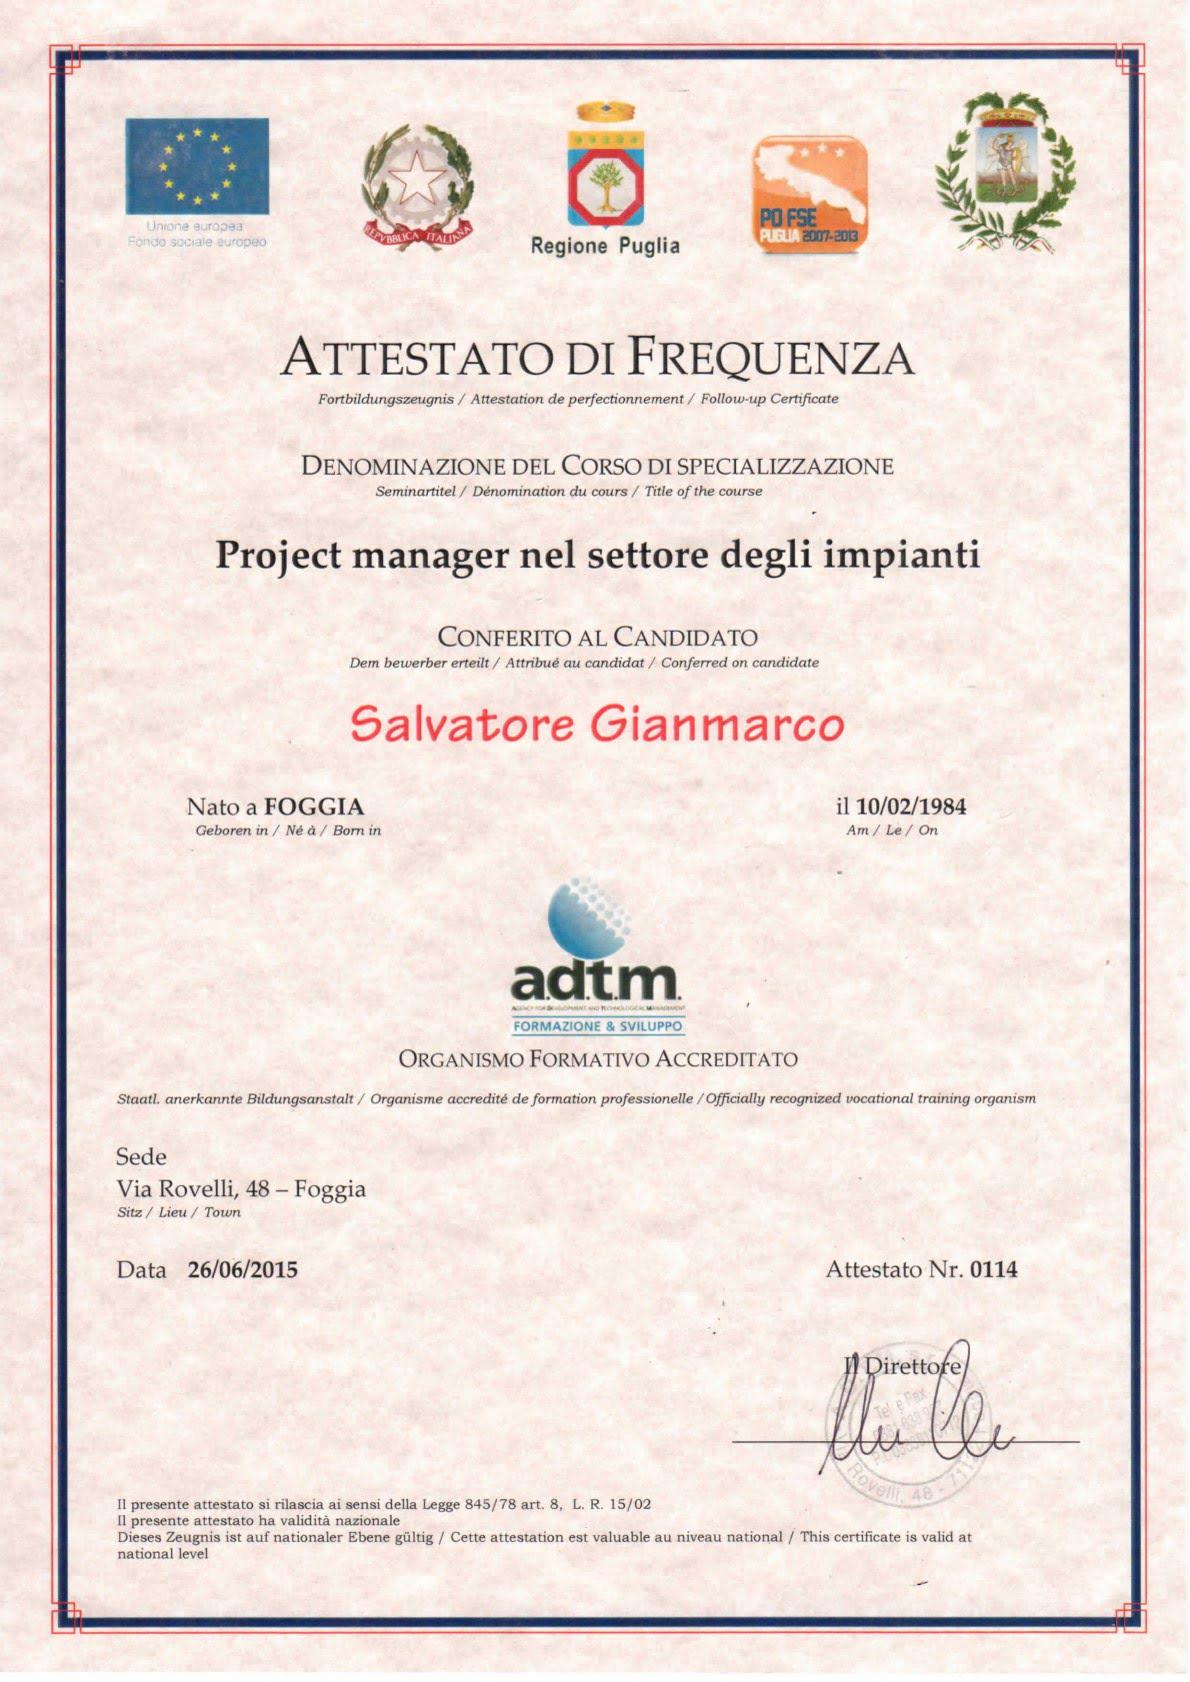 Specializzazione in Project Manager nel settore degli impianti